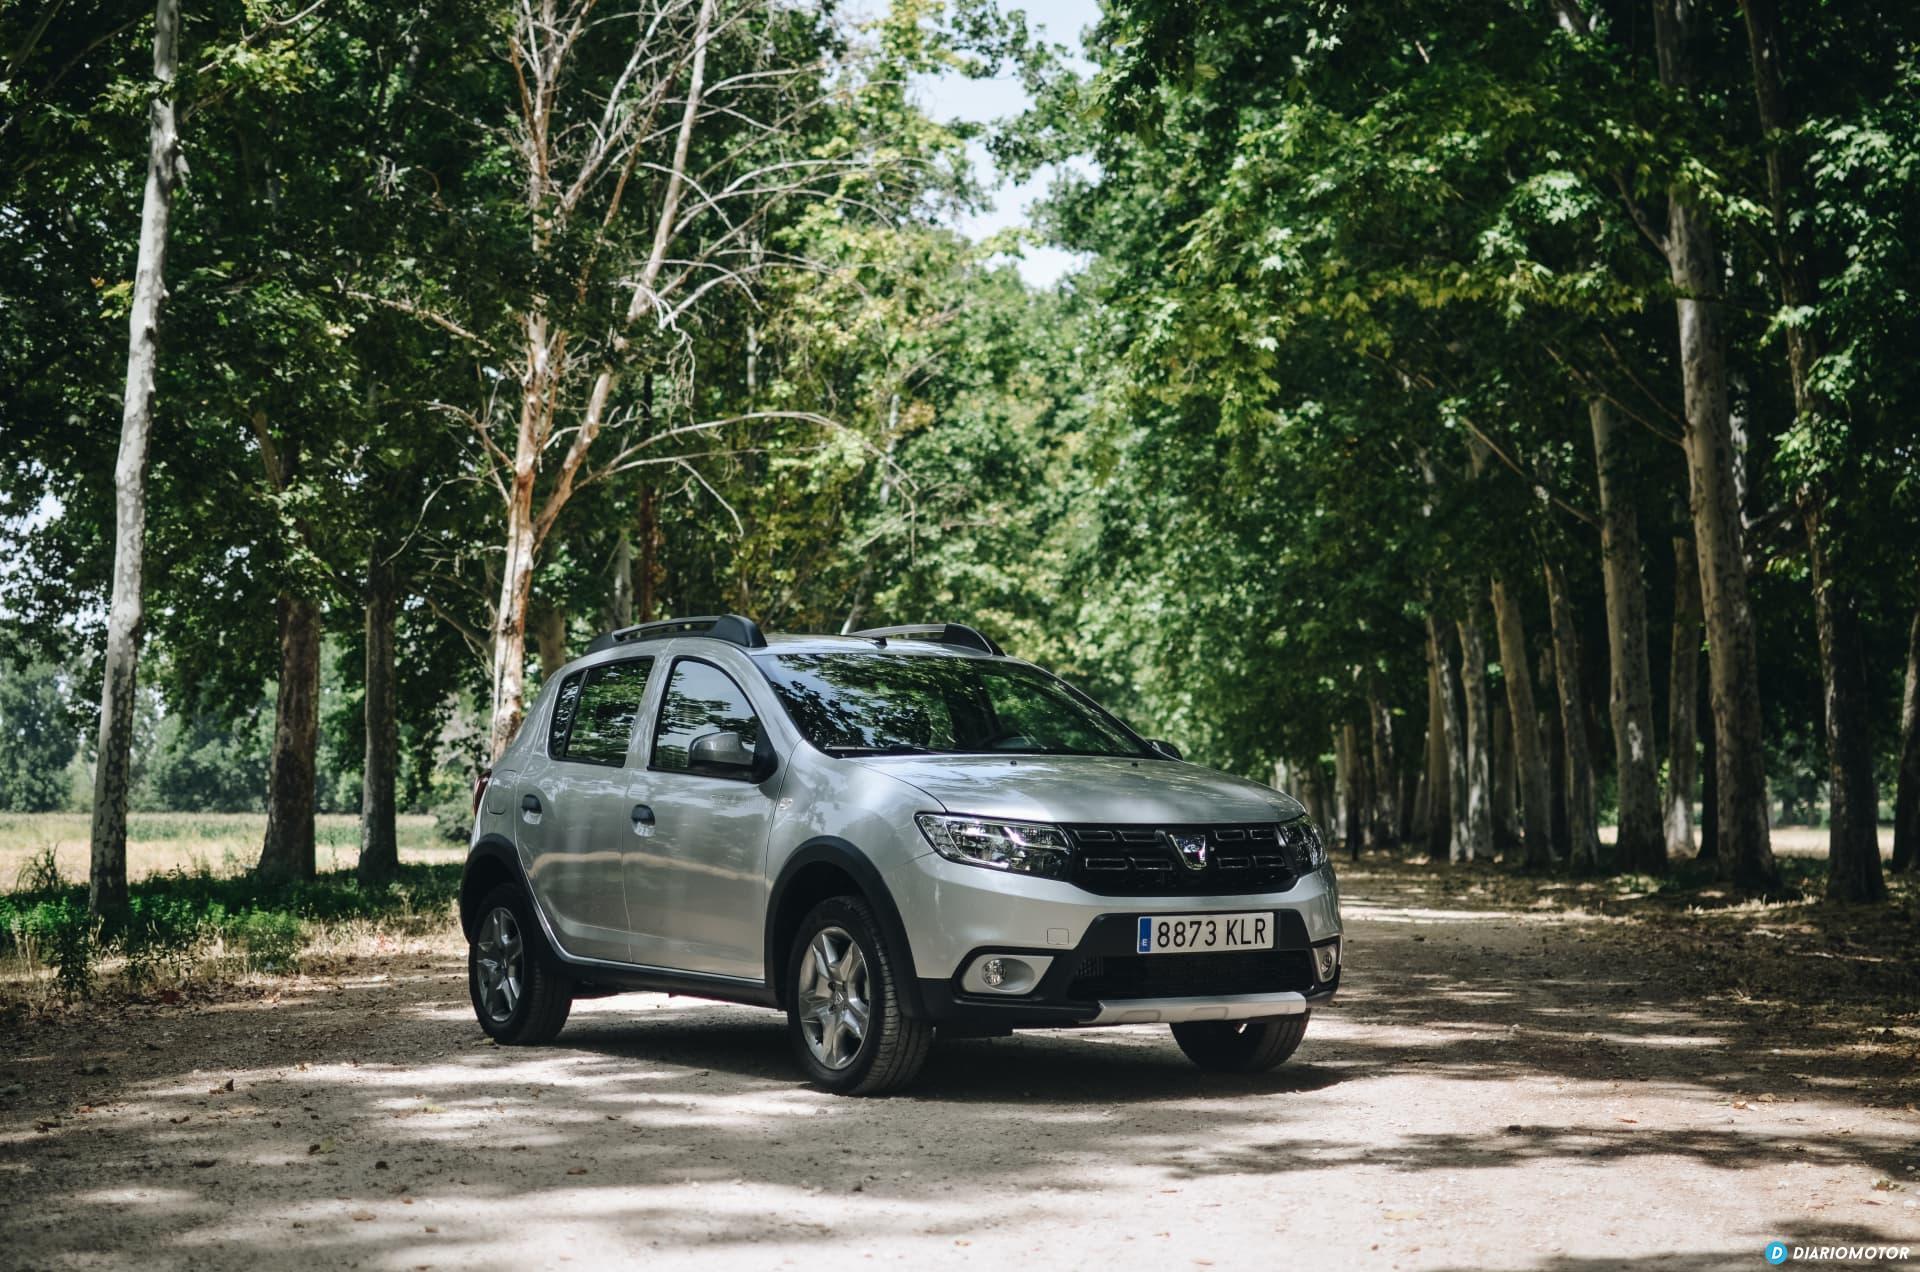 Dacia Sandero Prueba 1